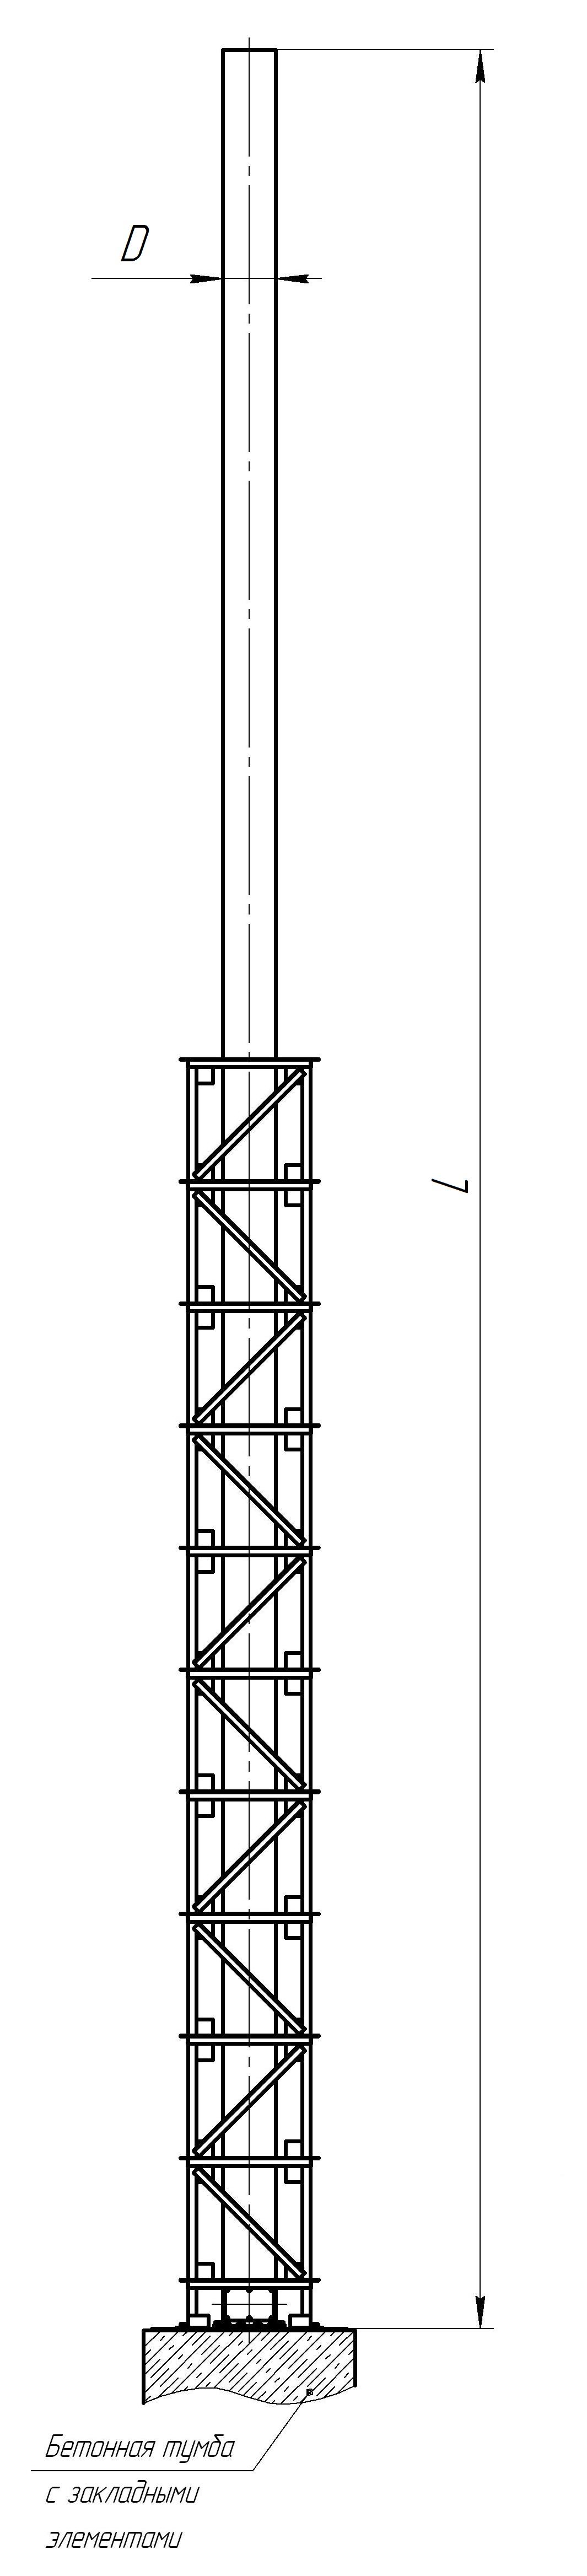 Схема стальной дымовой трубы в каркасе